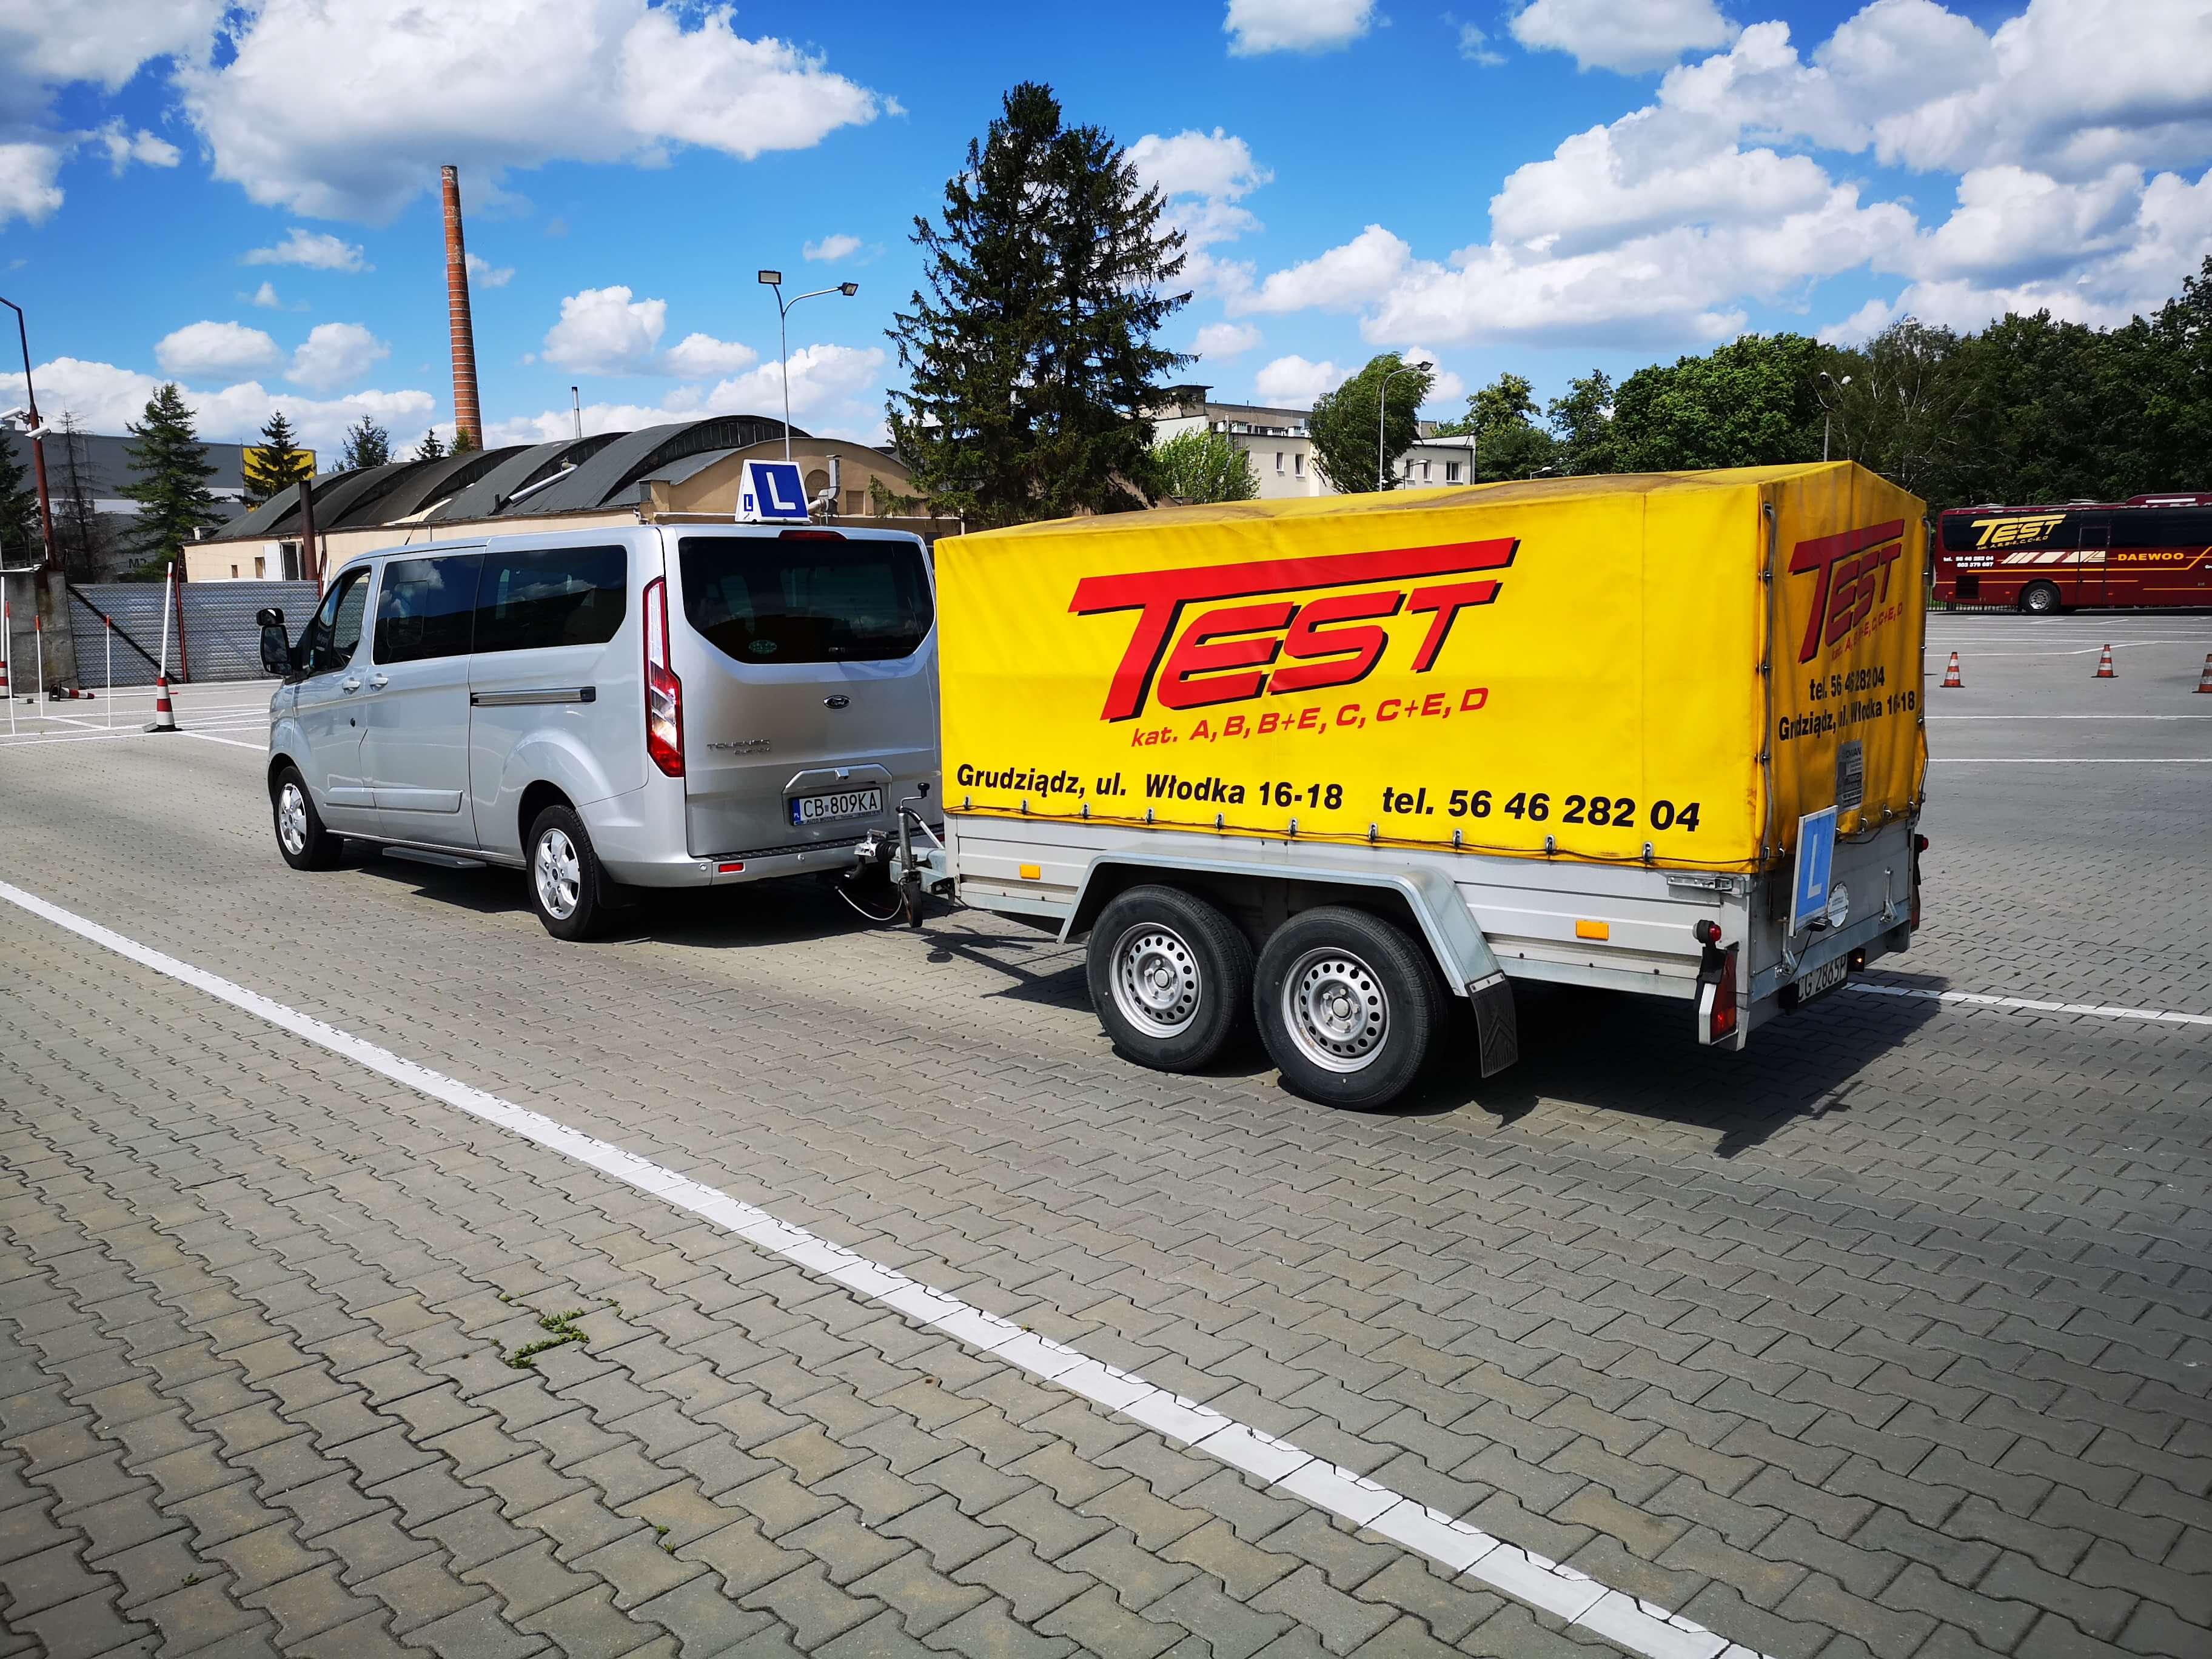 Ford Turneo Custom kat. B+E w Grudziądzu - Szkoła Kierowców TEST